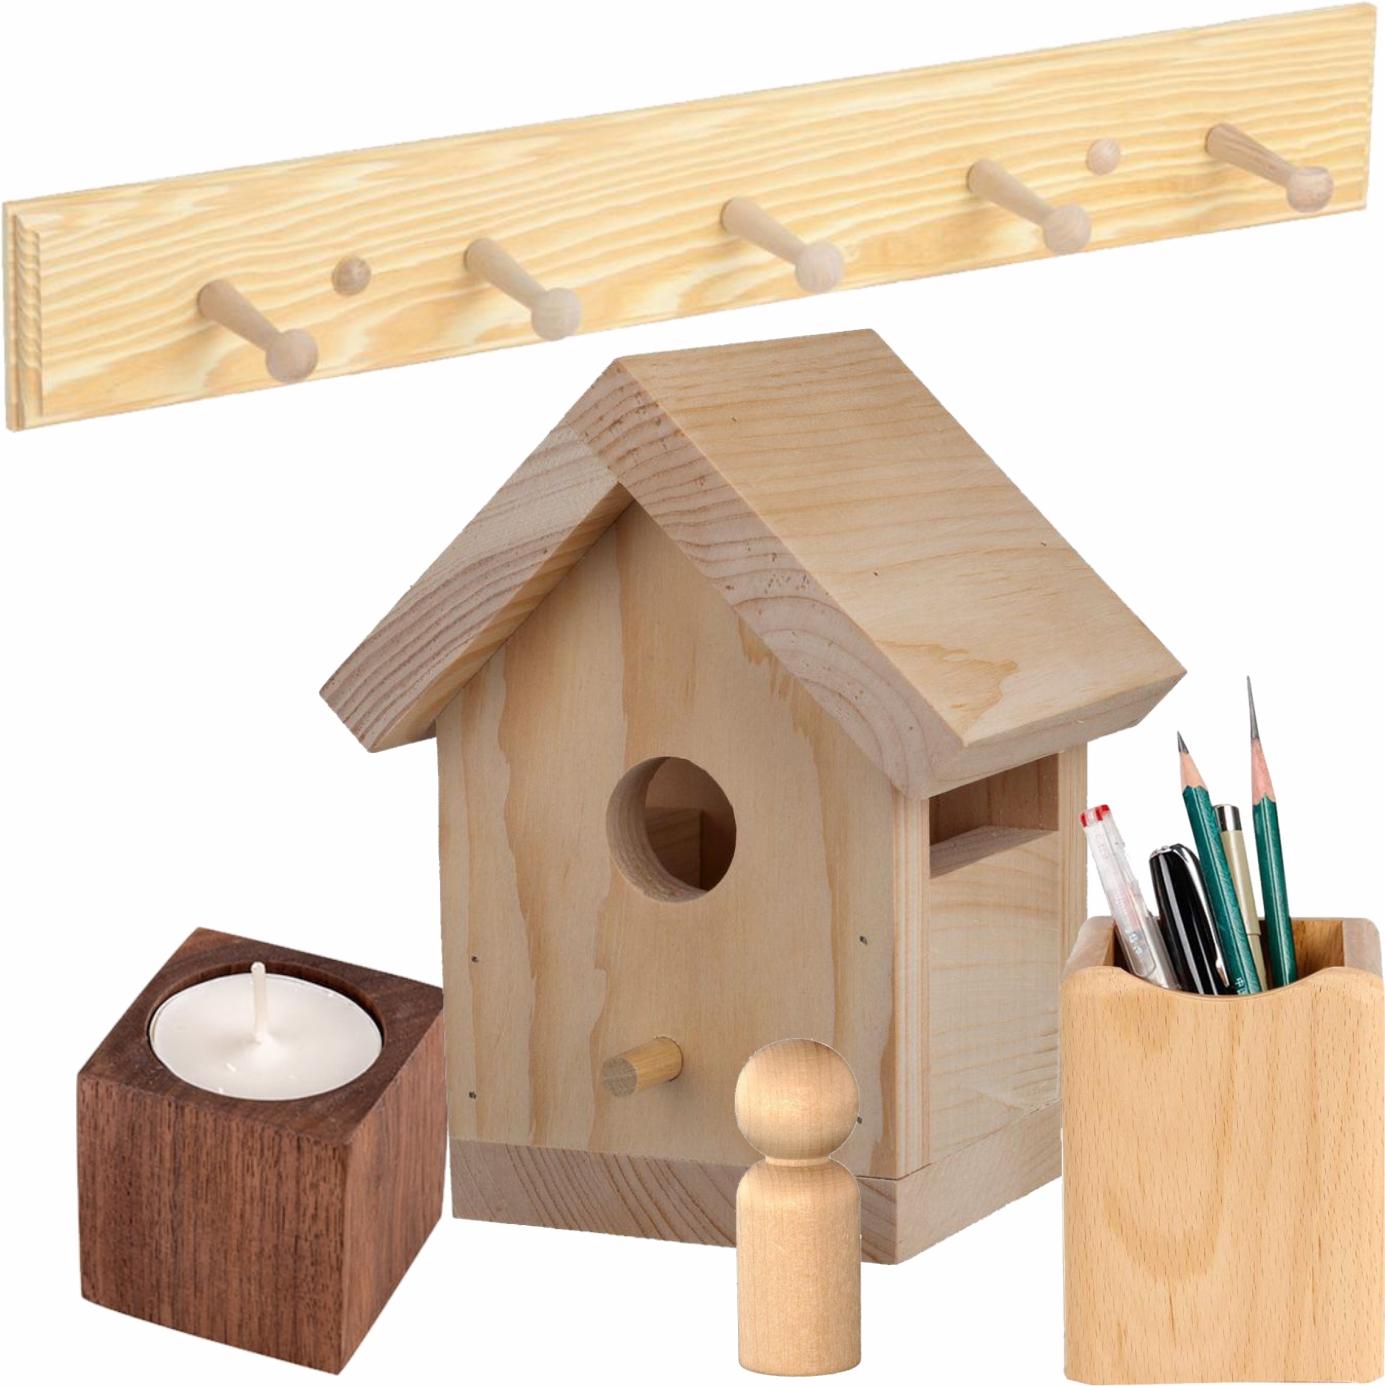 Obiecte diverse din lemn și MDF